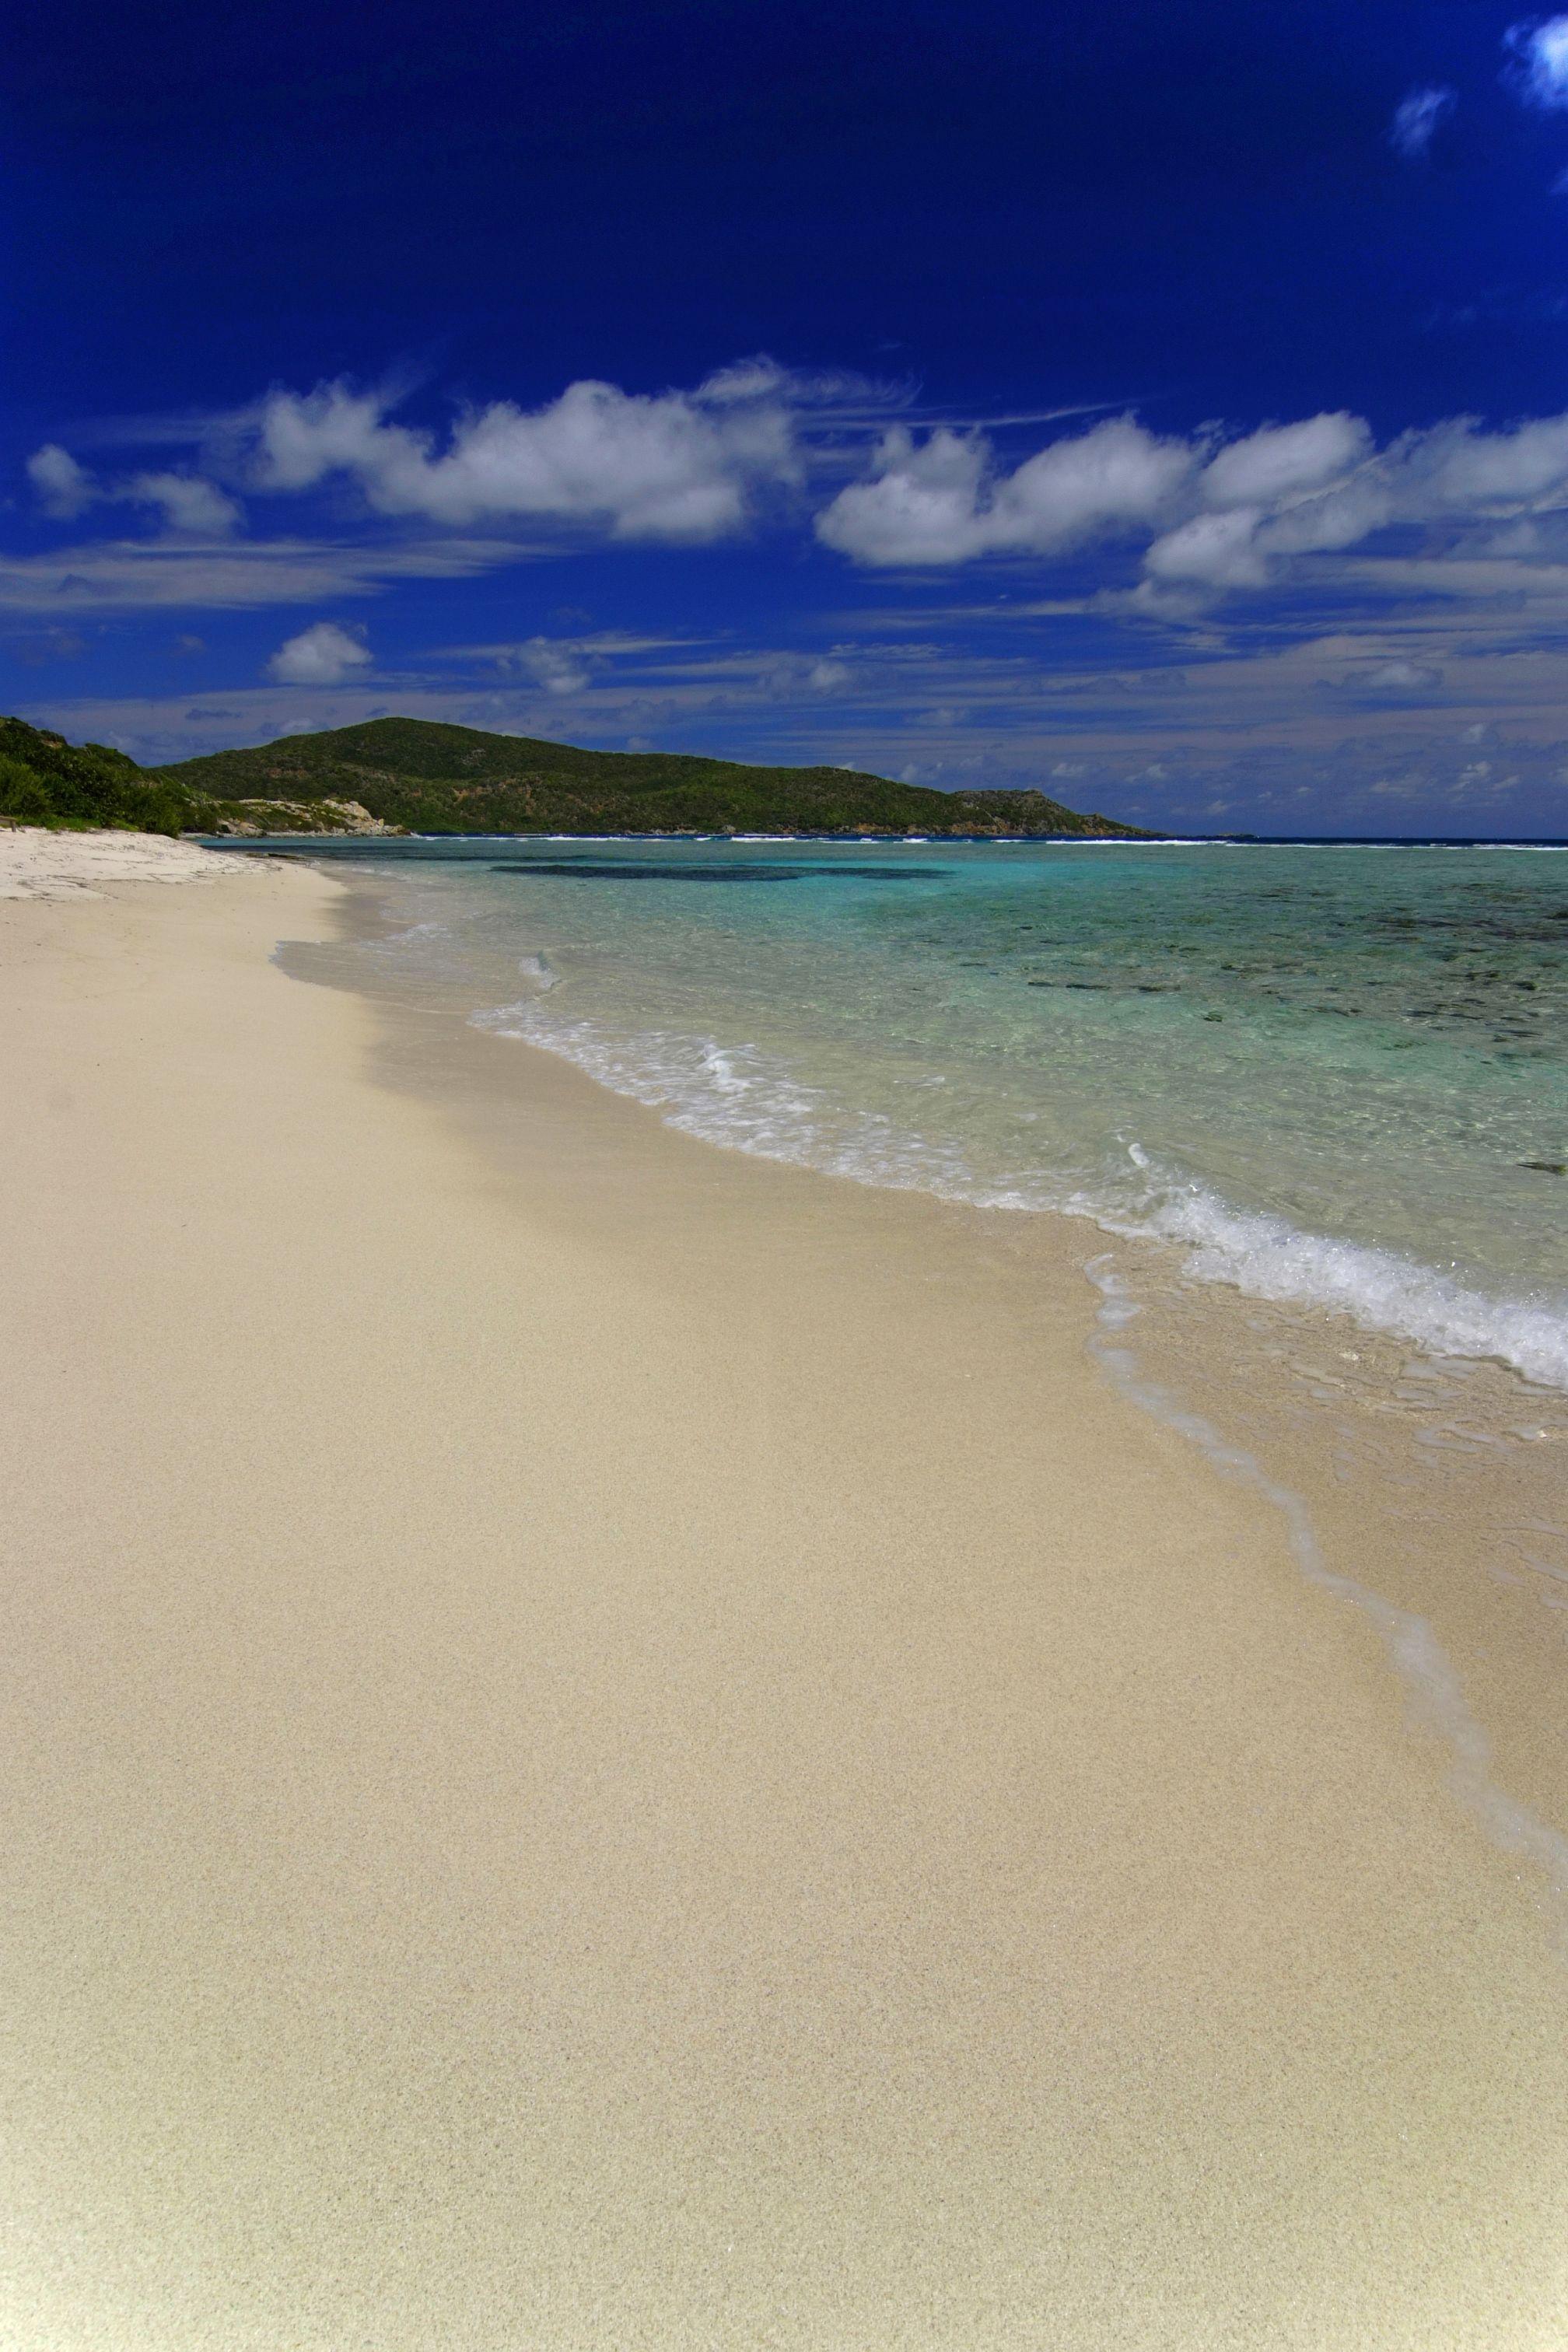 Enjoy the beach on Scrub Island, British Virgin Islands